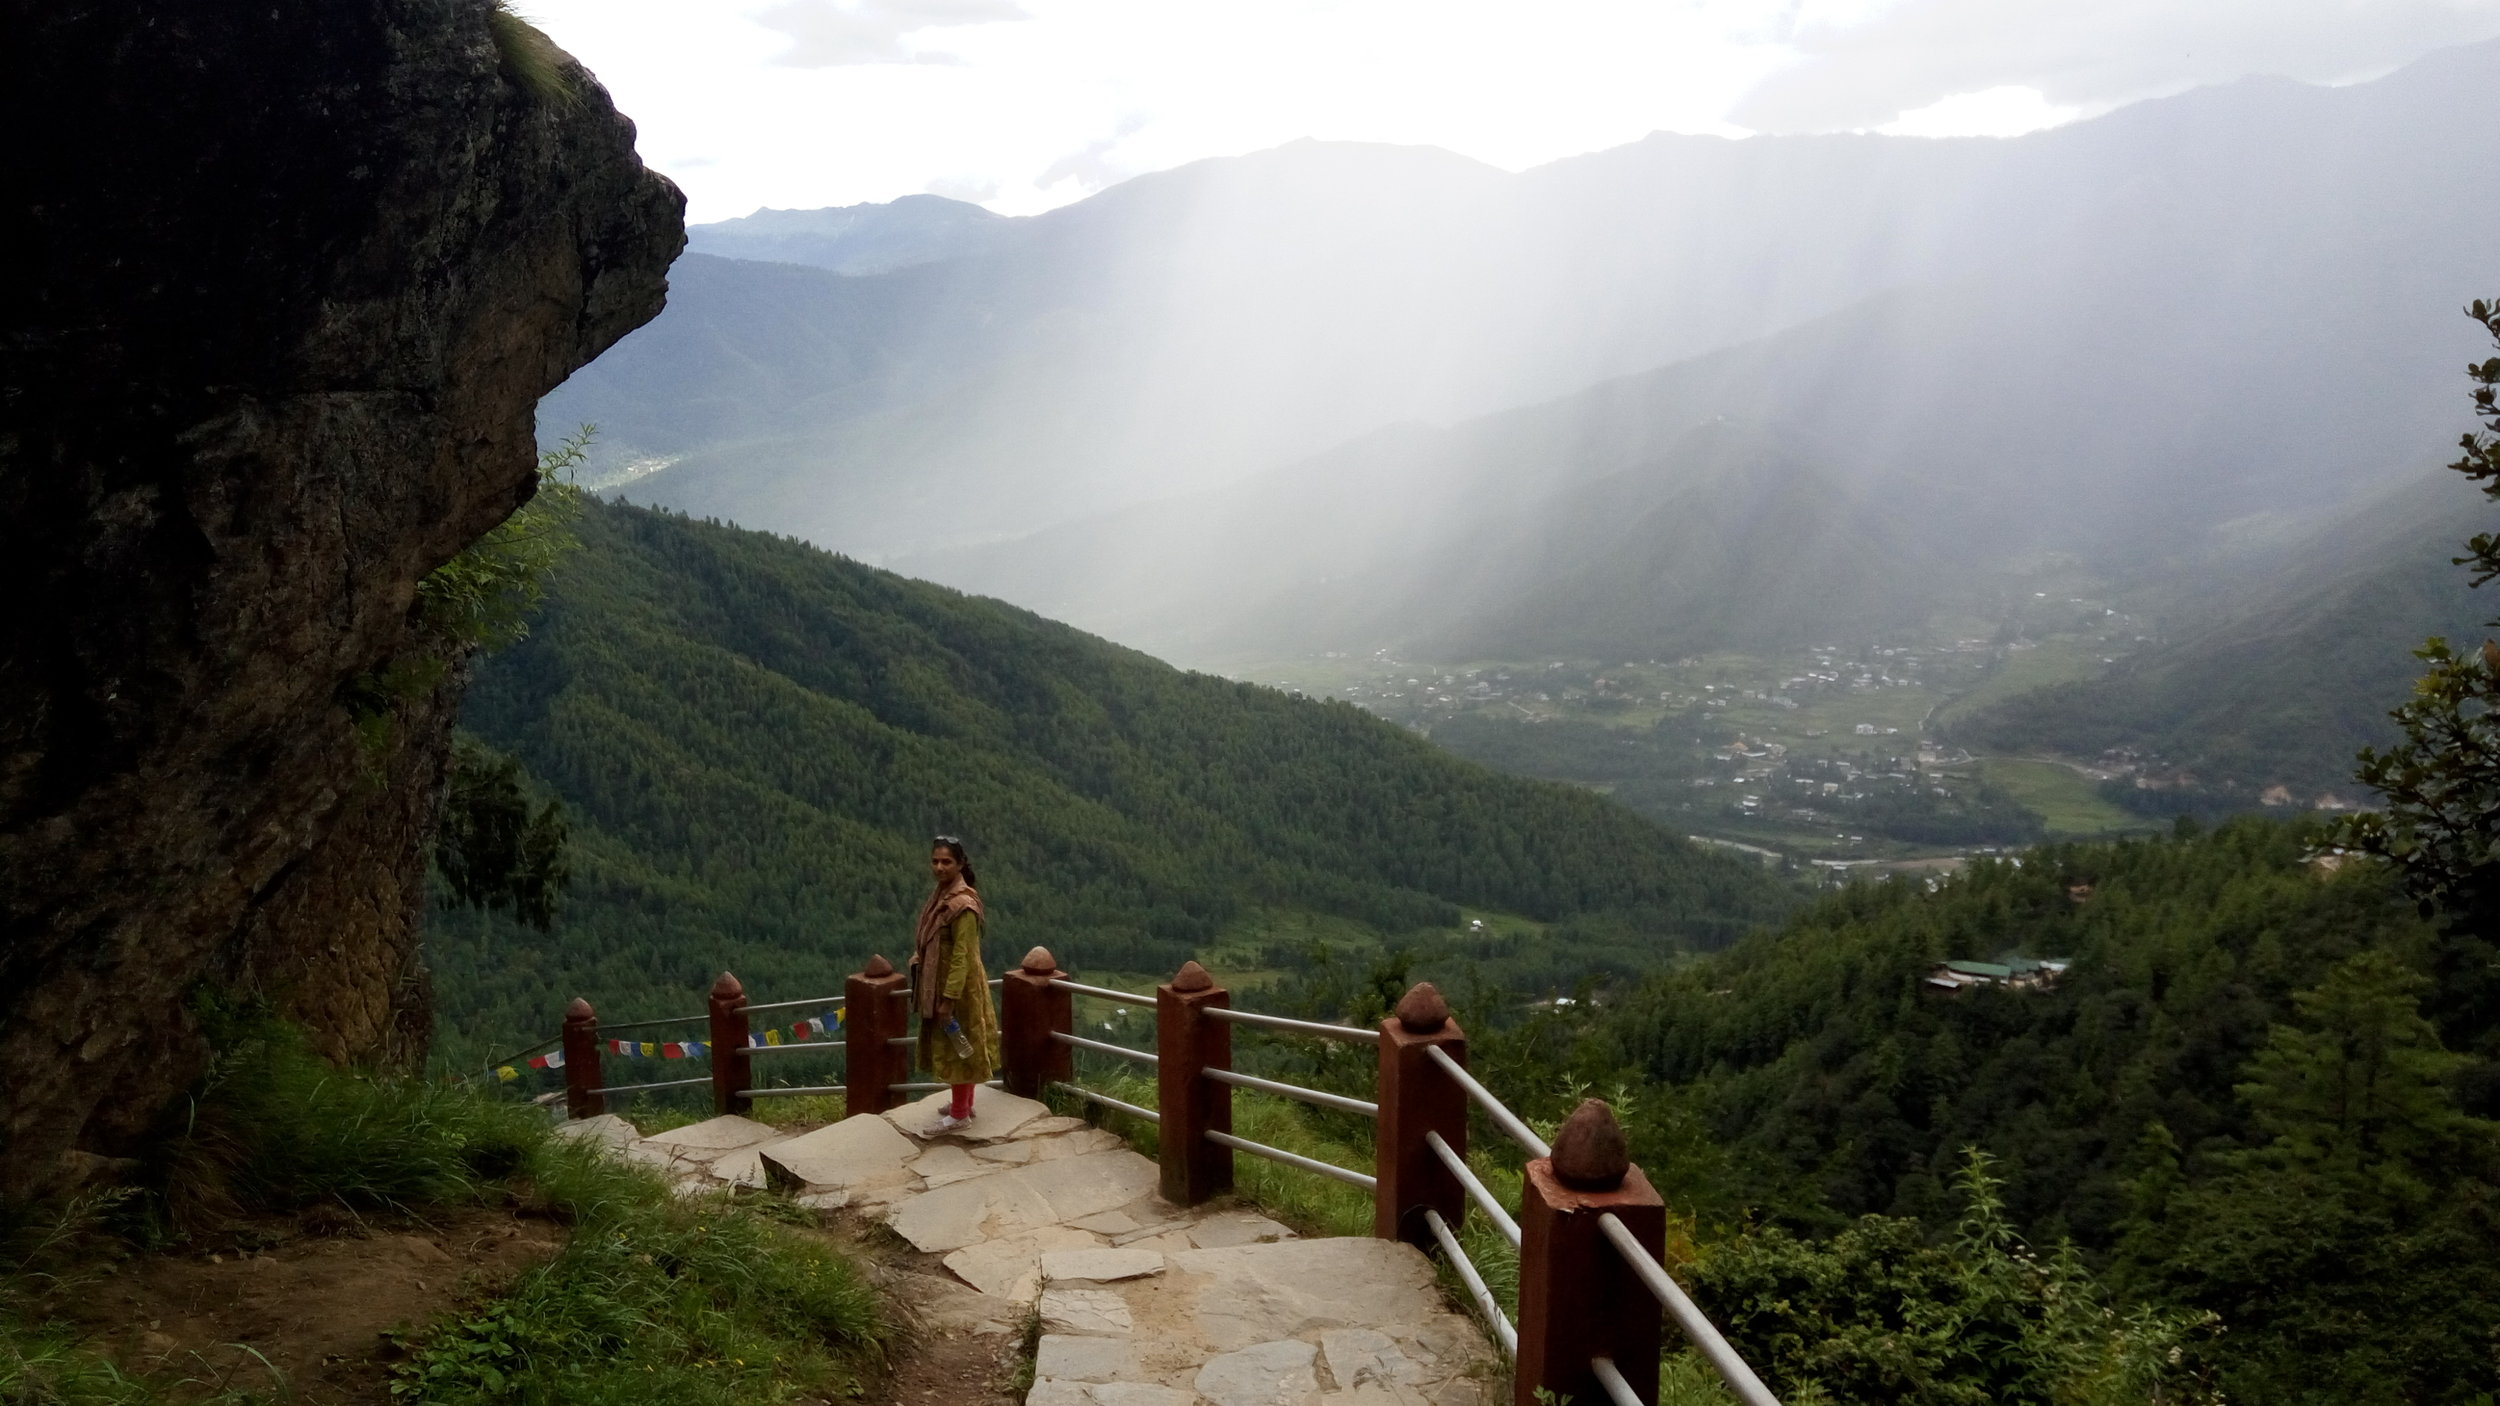 The view near Taktsang monstery in Bhutan